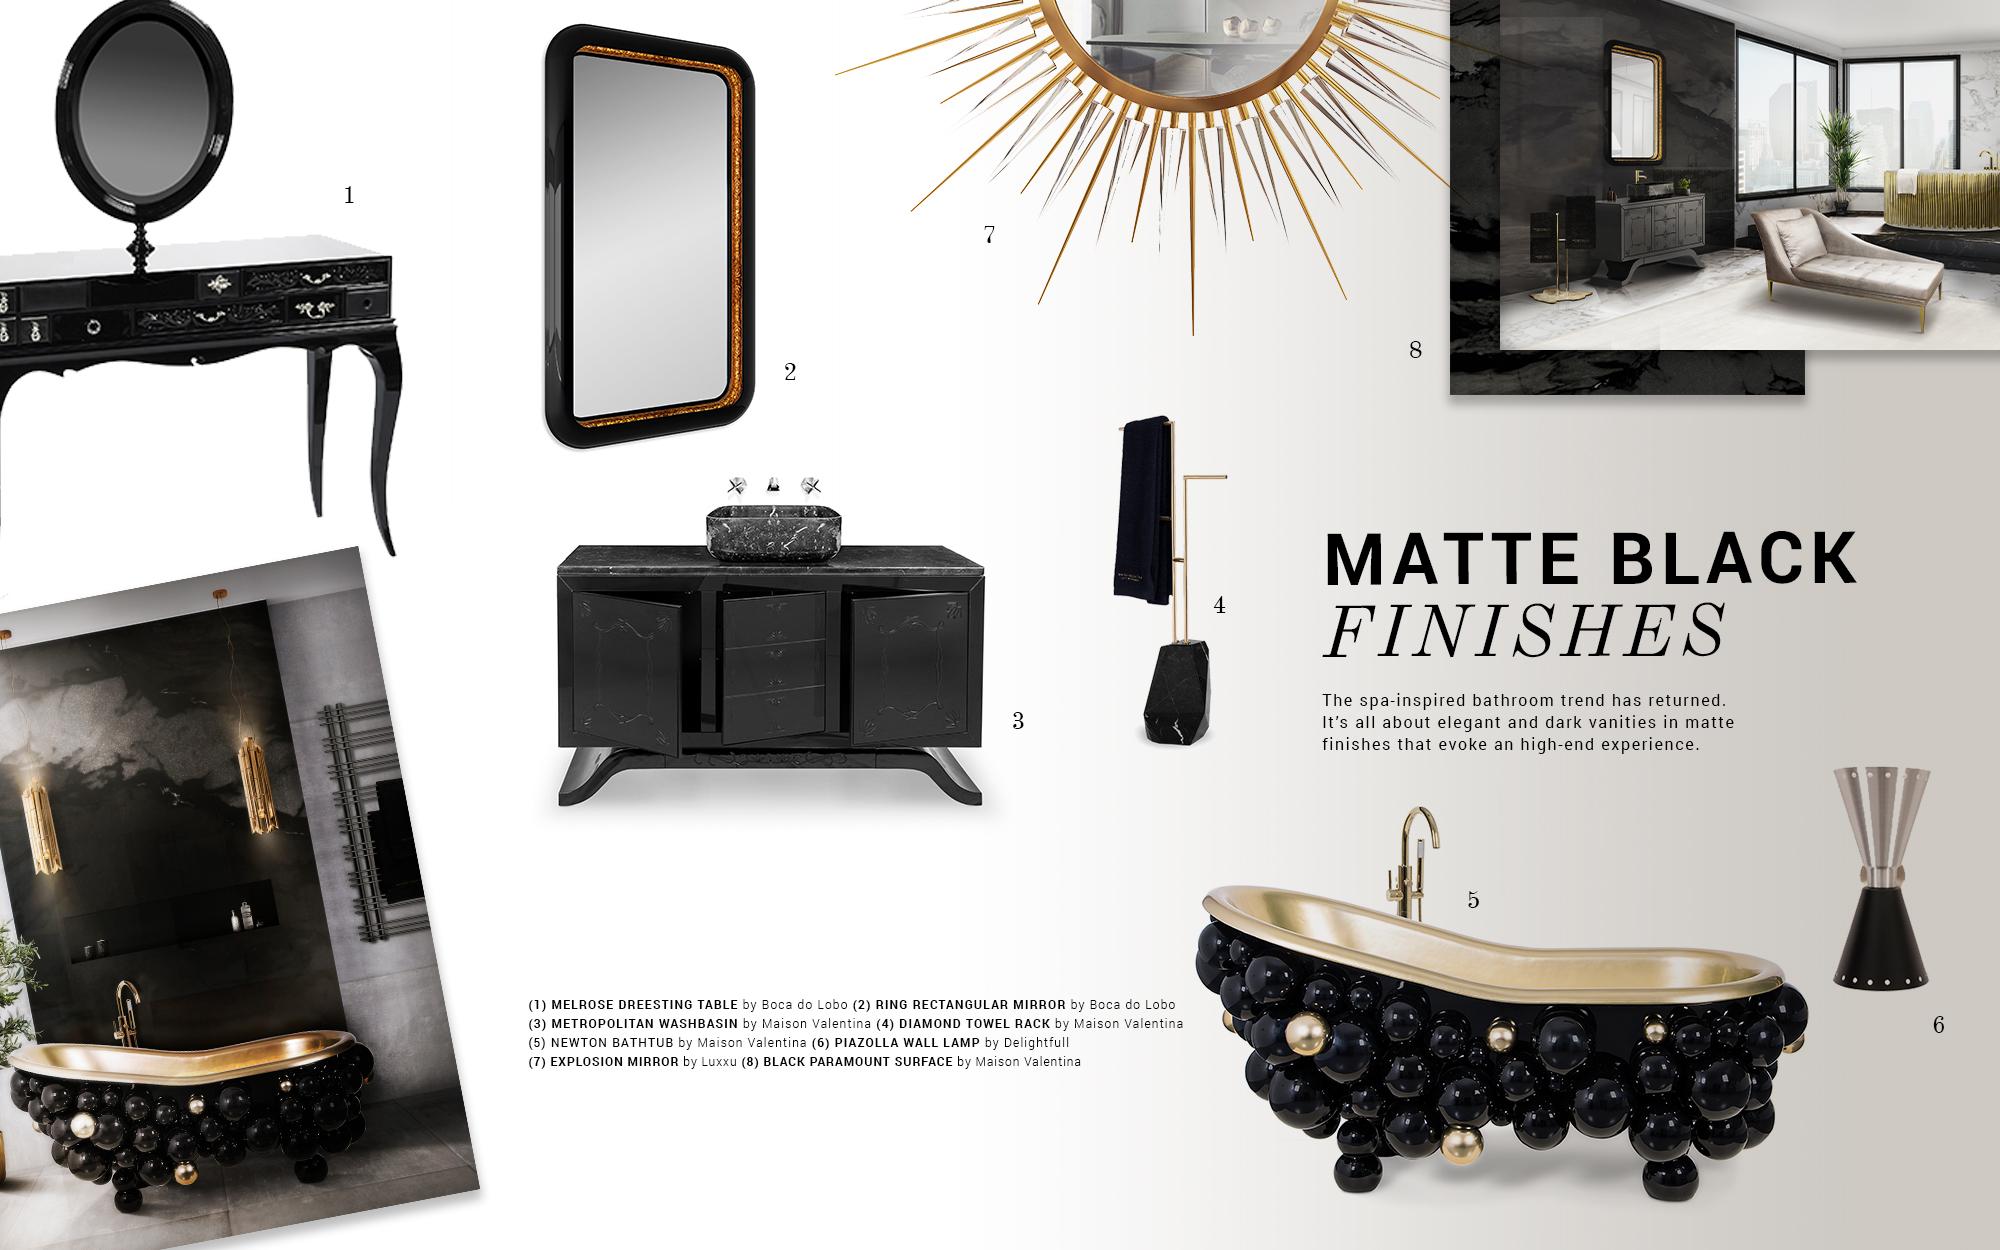 Maison Valentina Design Trends From M&O 2019  Maison Valentina Design Trends From M&O 2019 moodboard 2